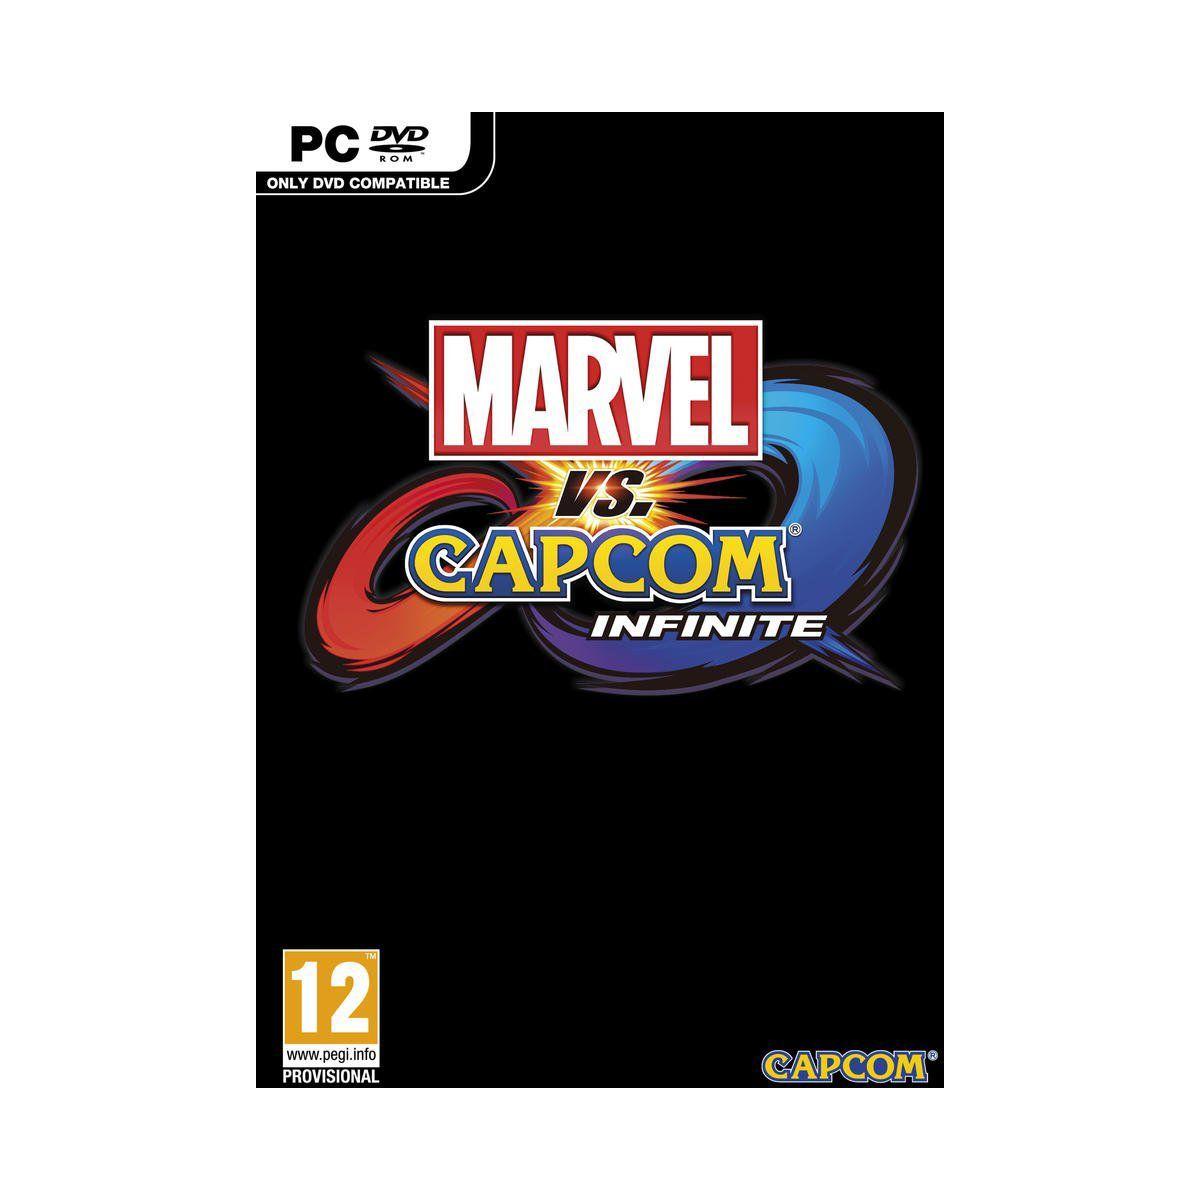 Jeu PC CAPCOM Marvel VS Capcom Infinite (photo)